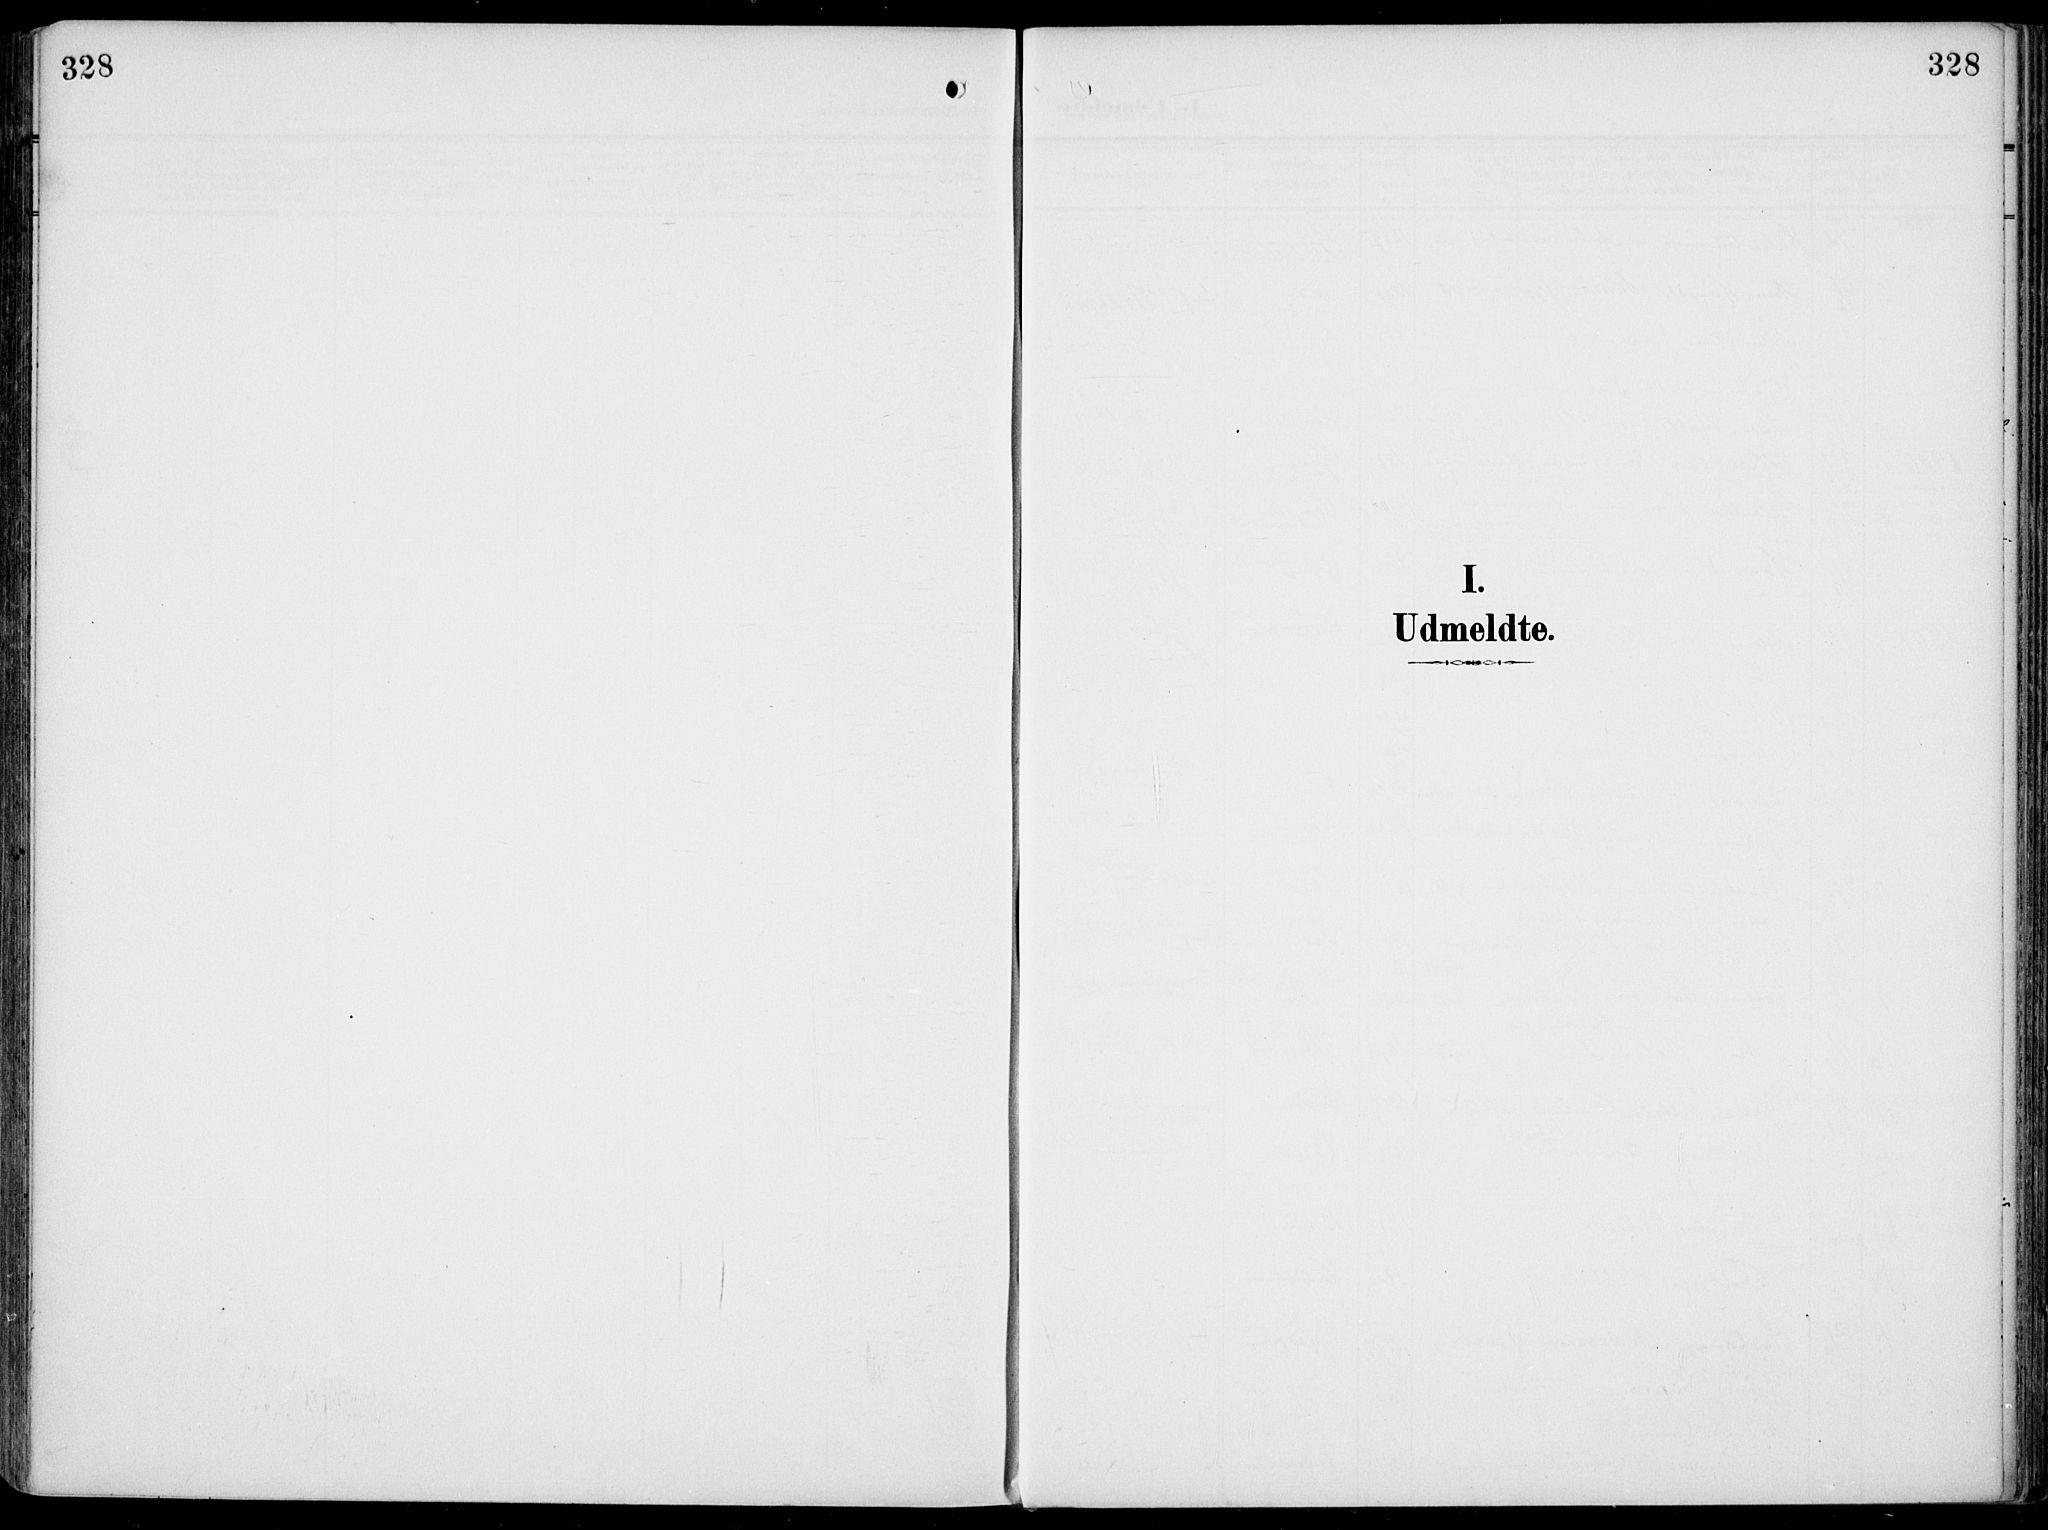 SAKO, Gjerpen kirkebøker, F/Fa/L0012: Ministerialbok nr. 12, 1905-1913, s. 328